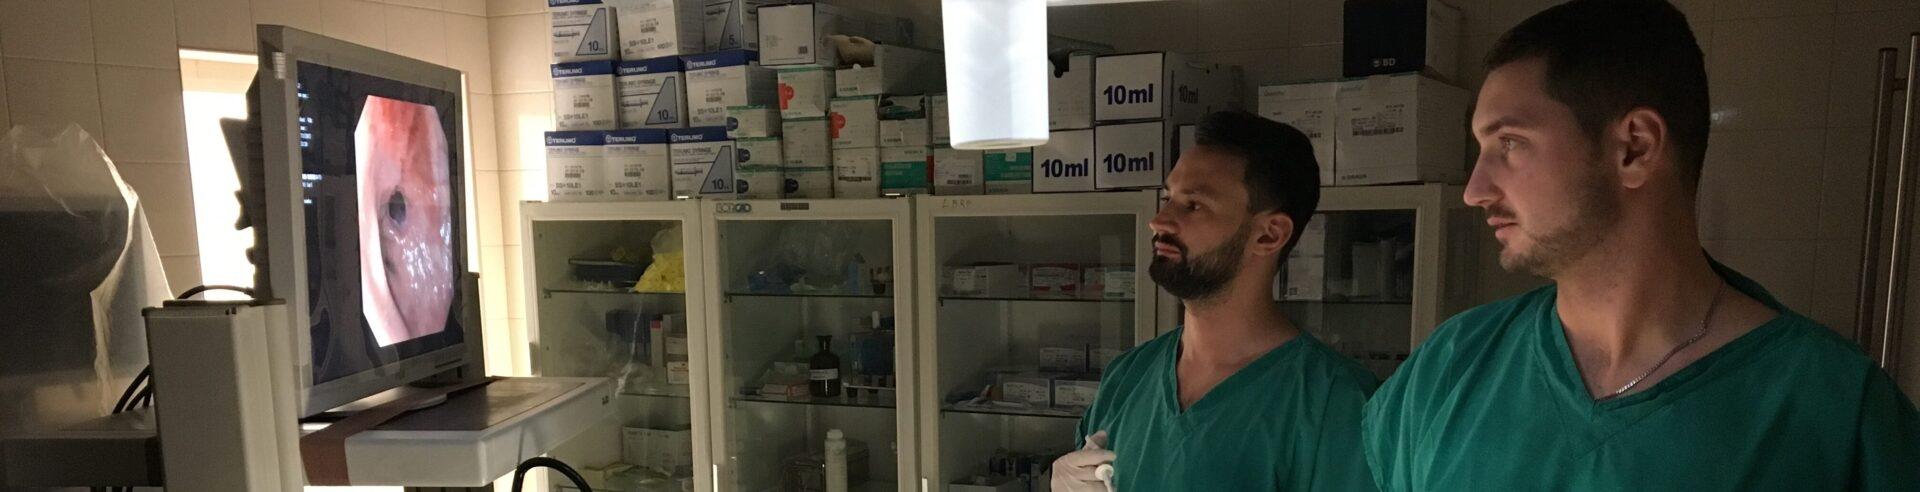 Nové minimálně invazivní možnosti léčby pooperační recidivy  Crohnovy choroby na experimentálním modelu